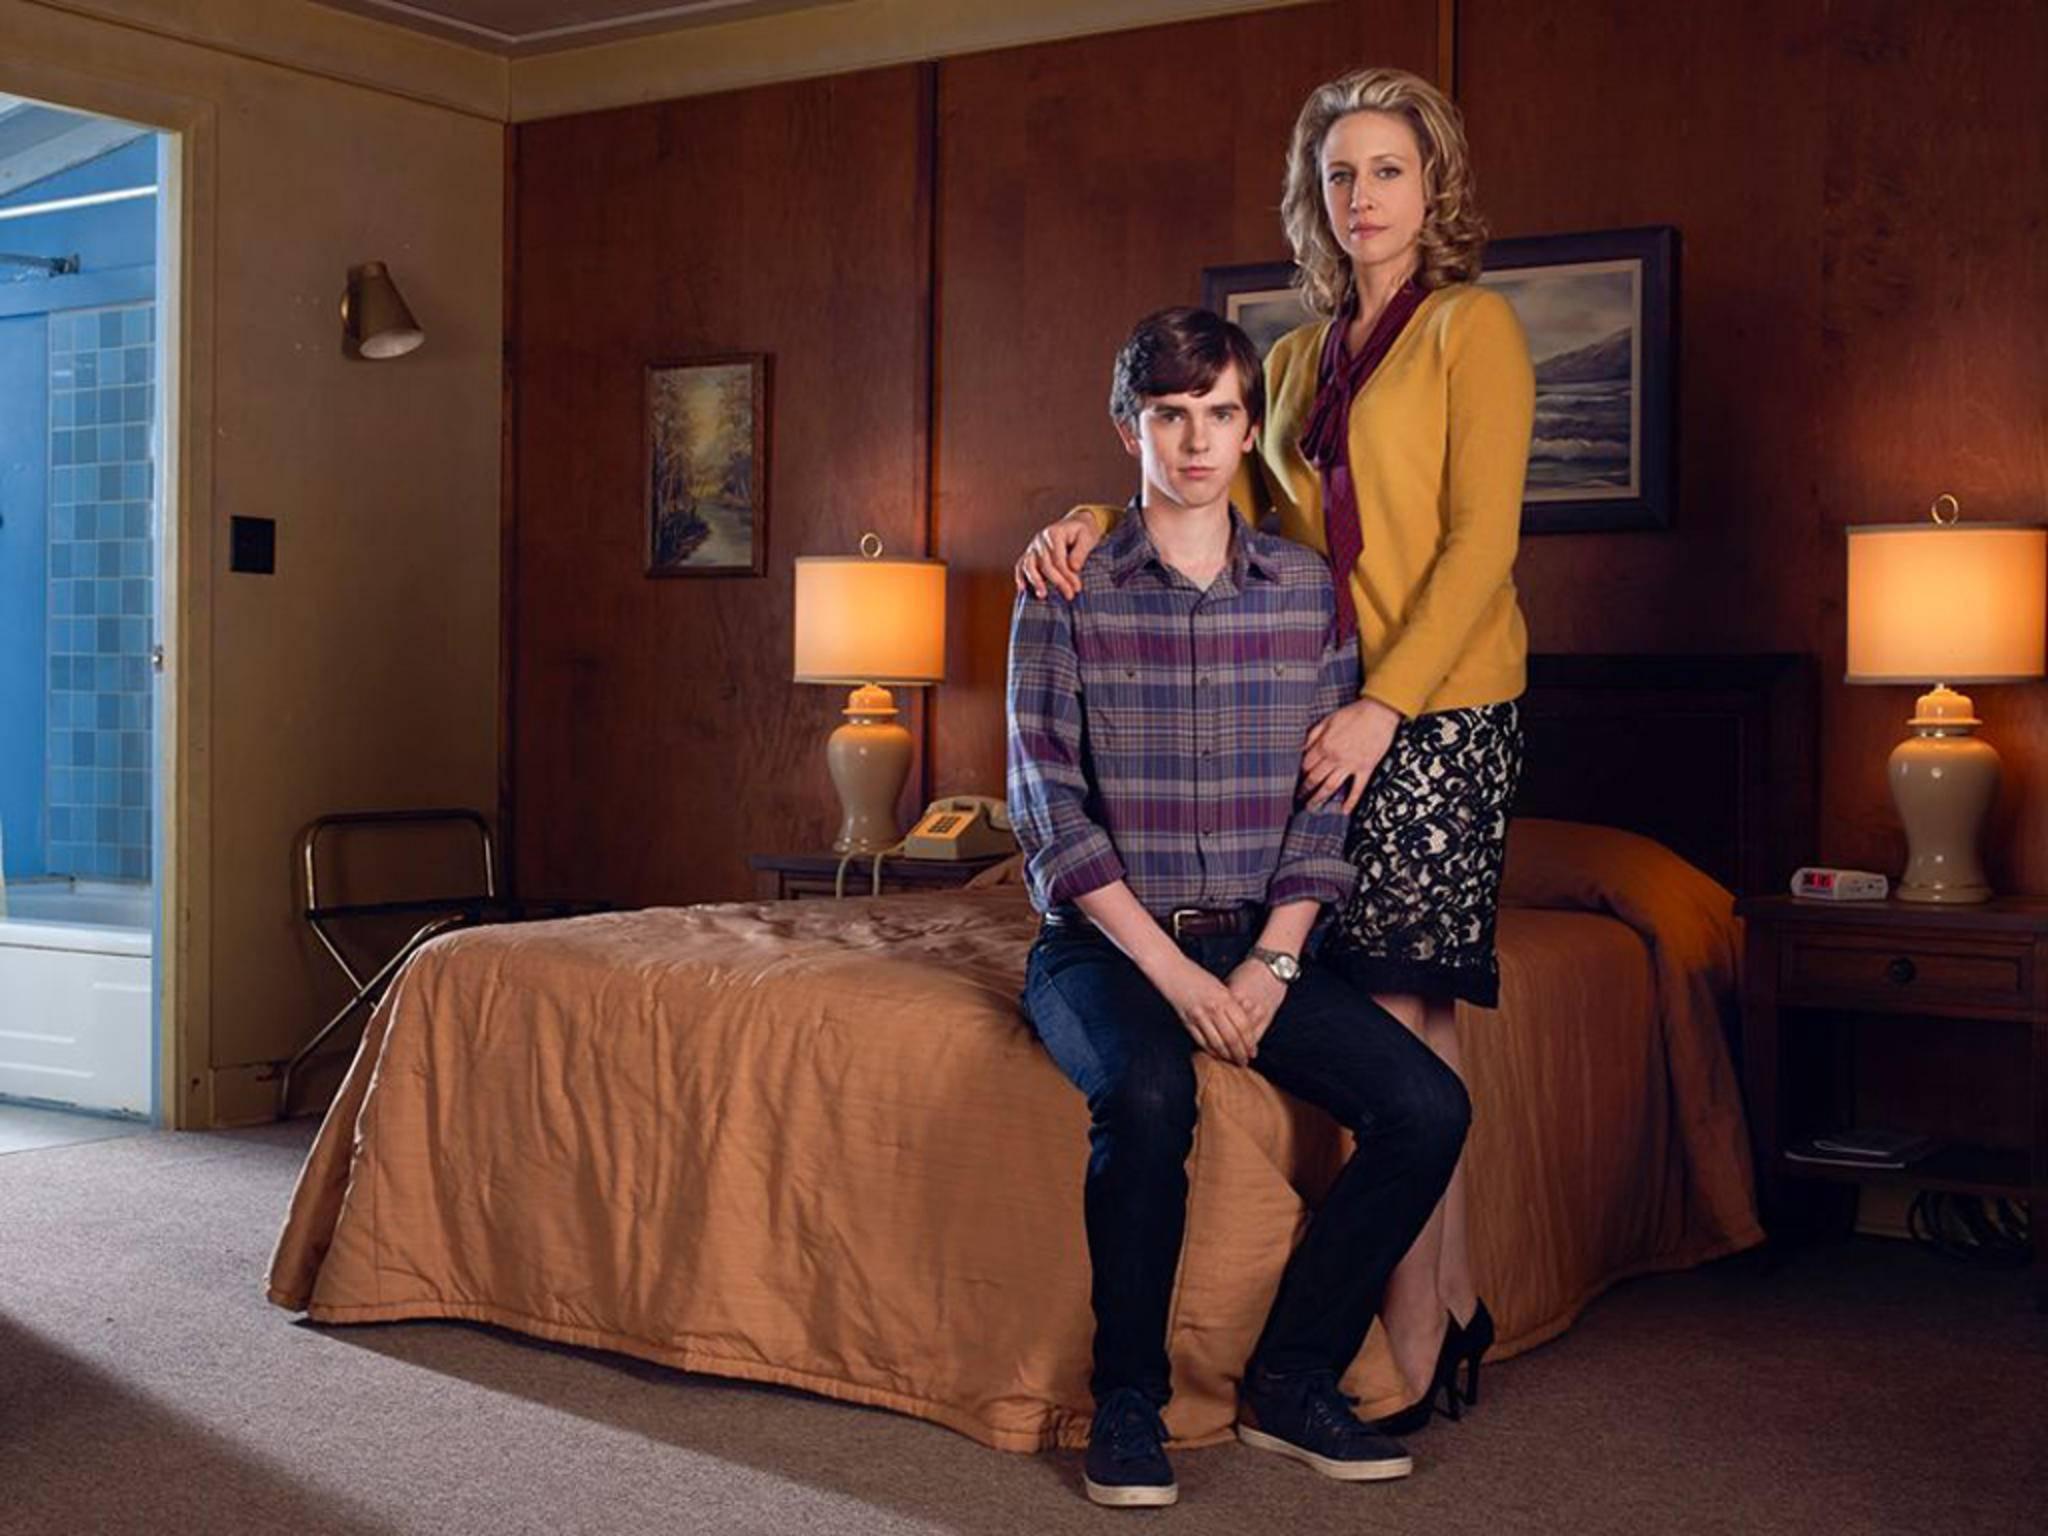 """Die Serie """"Bates Motel"""" basiert auf dem Klassiker """"Psycho""""."""